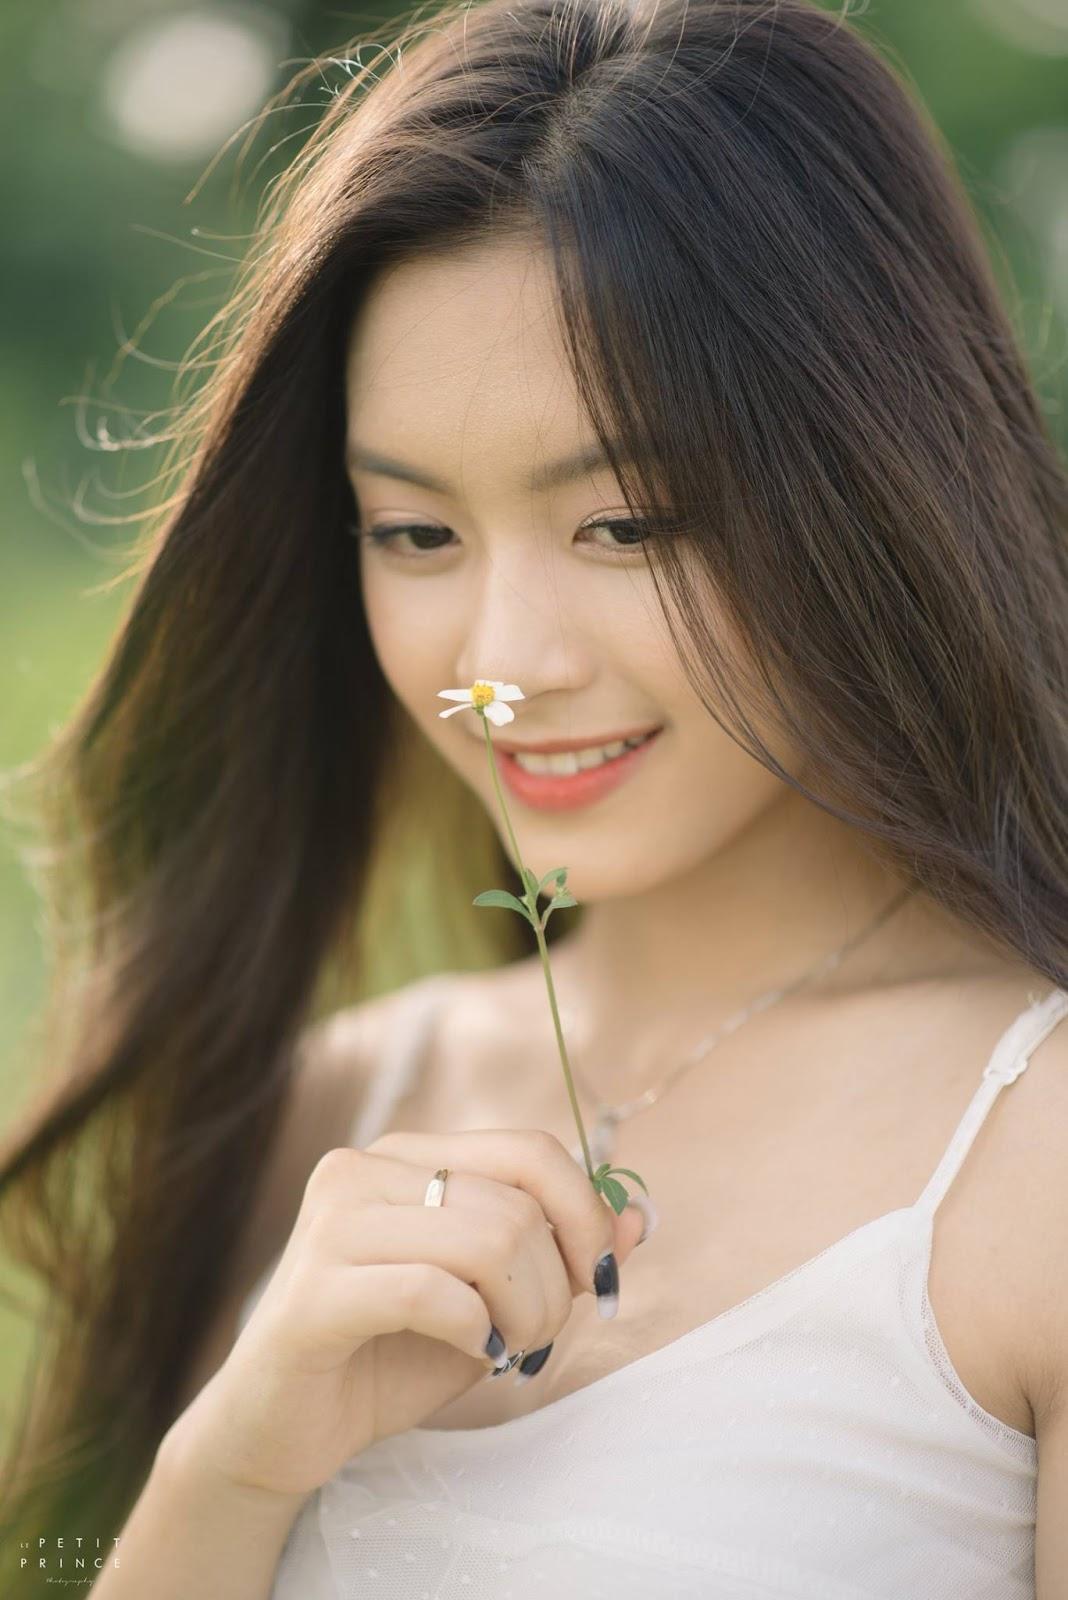 Lơ thơ, những cánh hoa lơ thơ, gió thu về...